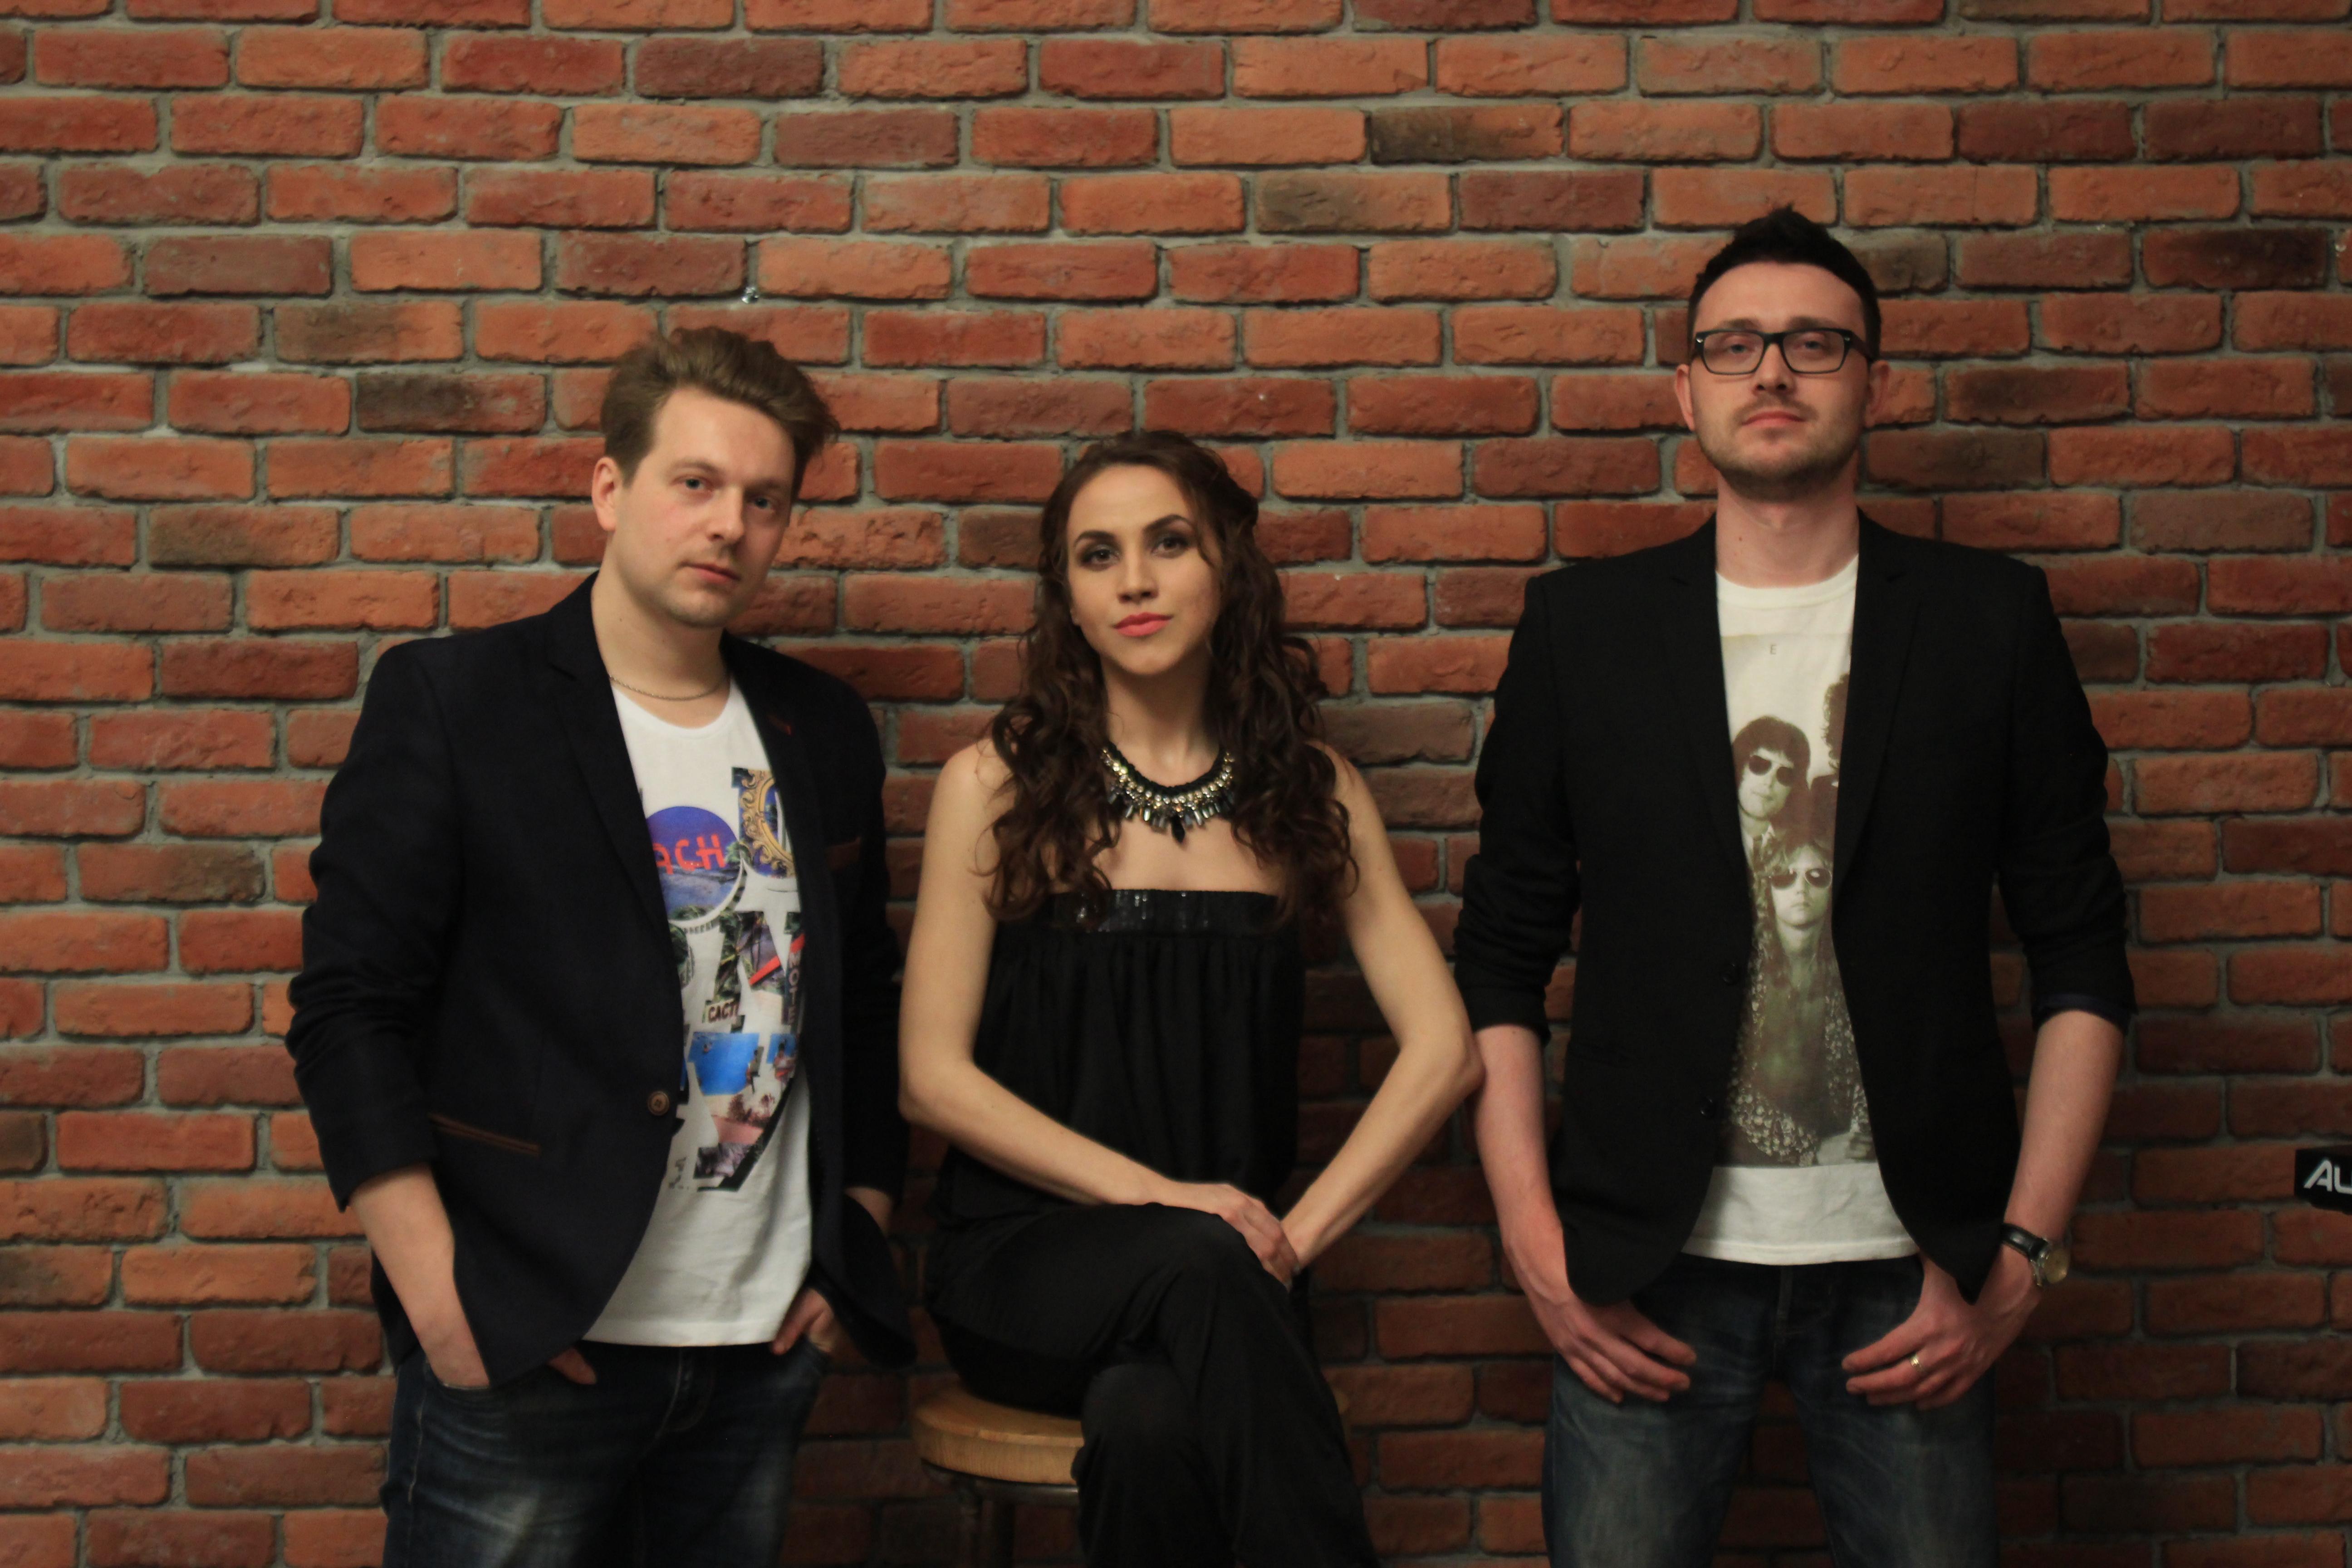 музыкальная группа Одесса, живая музыка в Одессе, вокалистка на мероприятие в Одессе